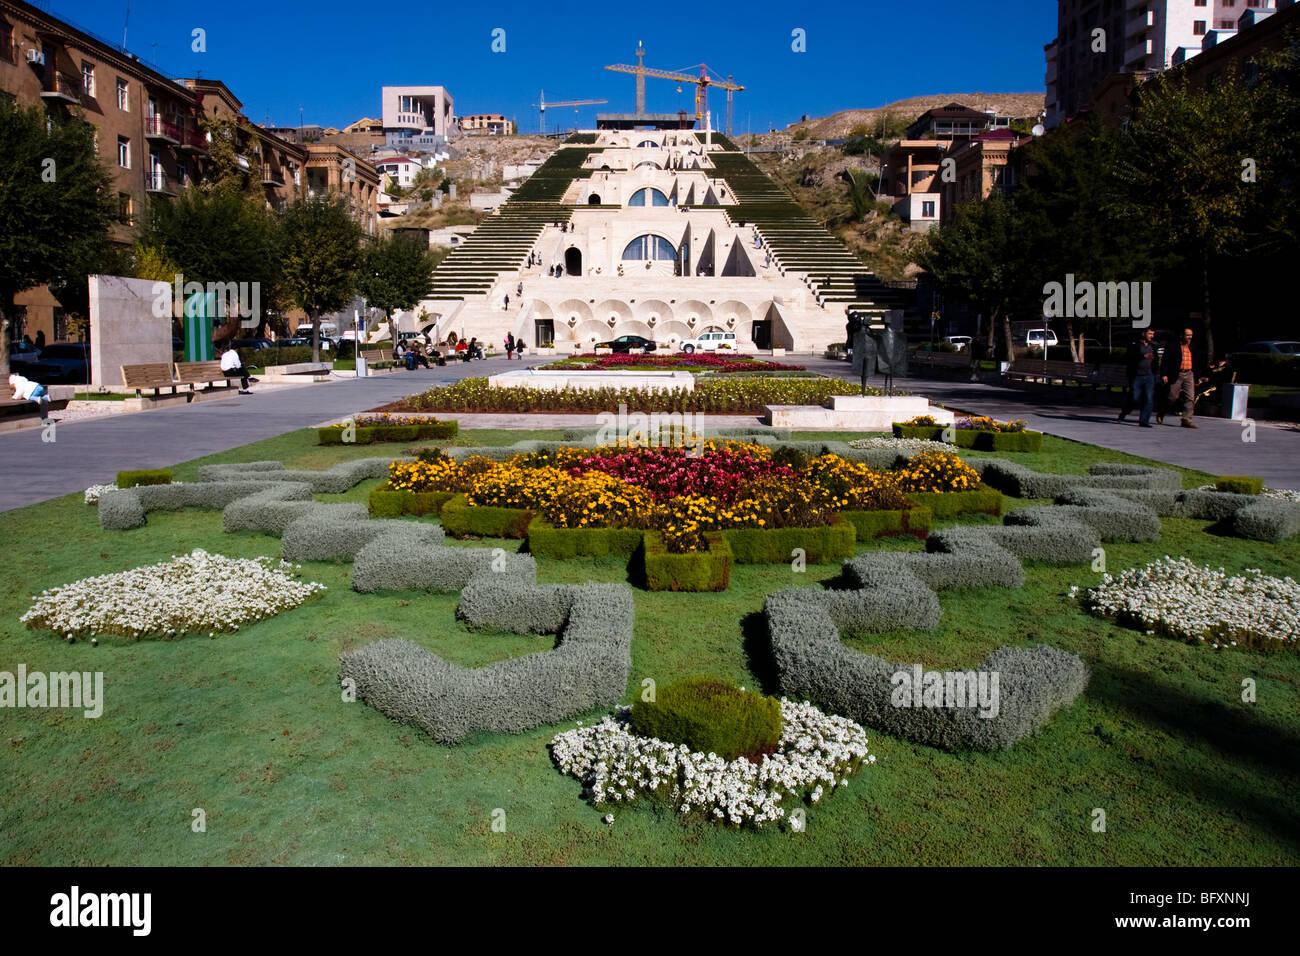 Monumento em cascata, Yerevan, Arménia Imagens de Stock